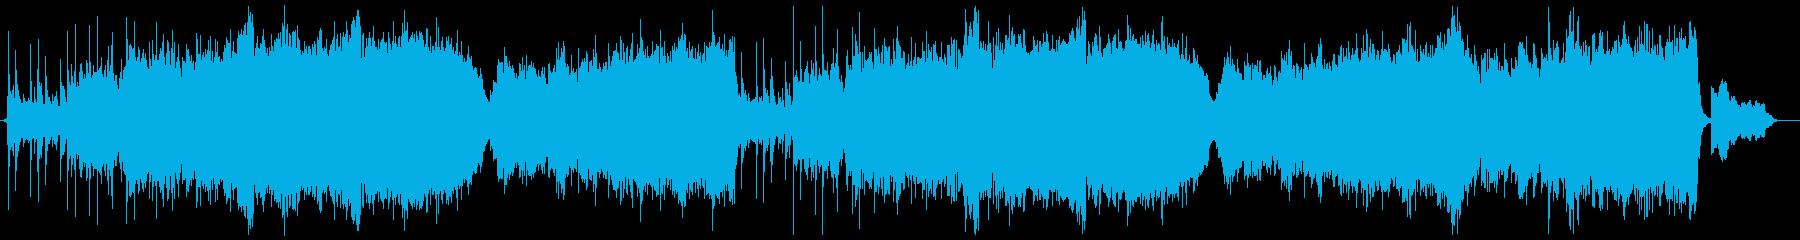 琴&オーケストラ切ない和風局の再生済みの波形